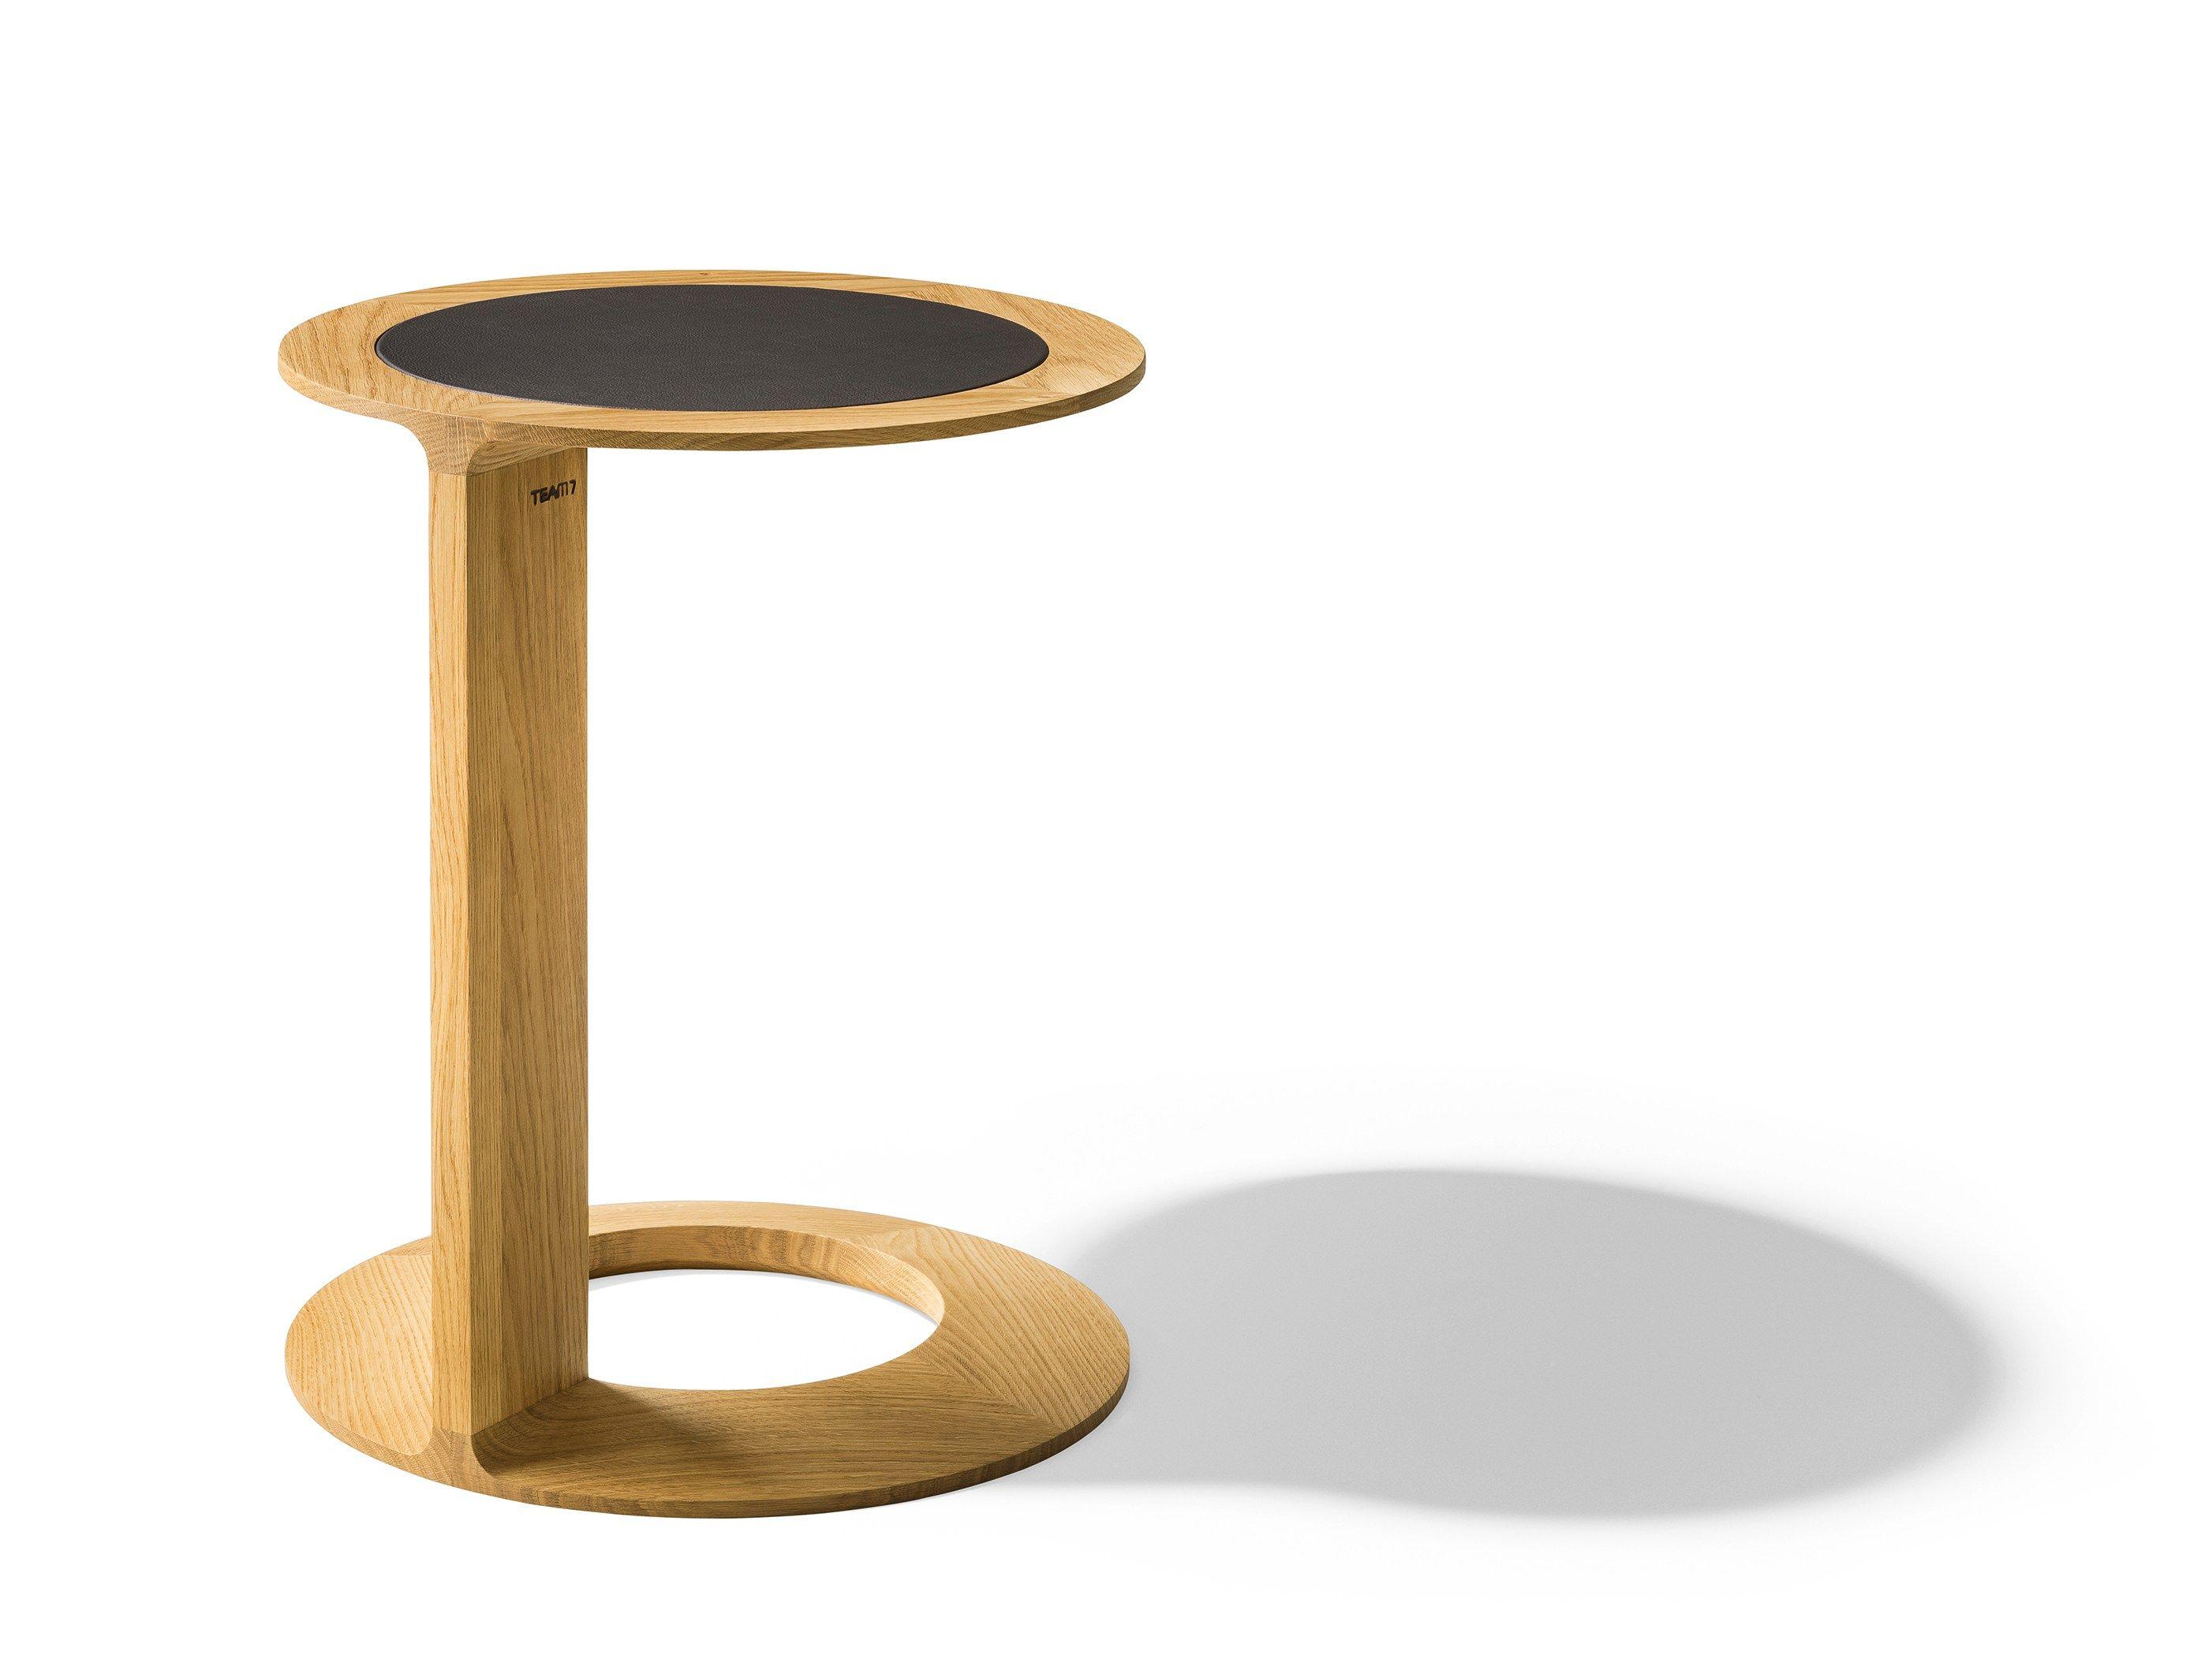 Tavolino Rotondo Legno Essenza Bim : Tavolino di servizio rotondo in legno massello loop by